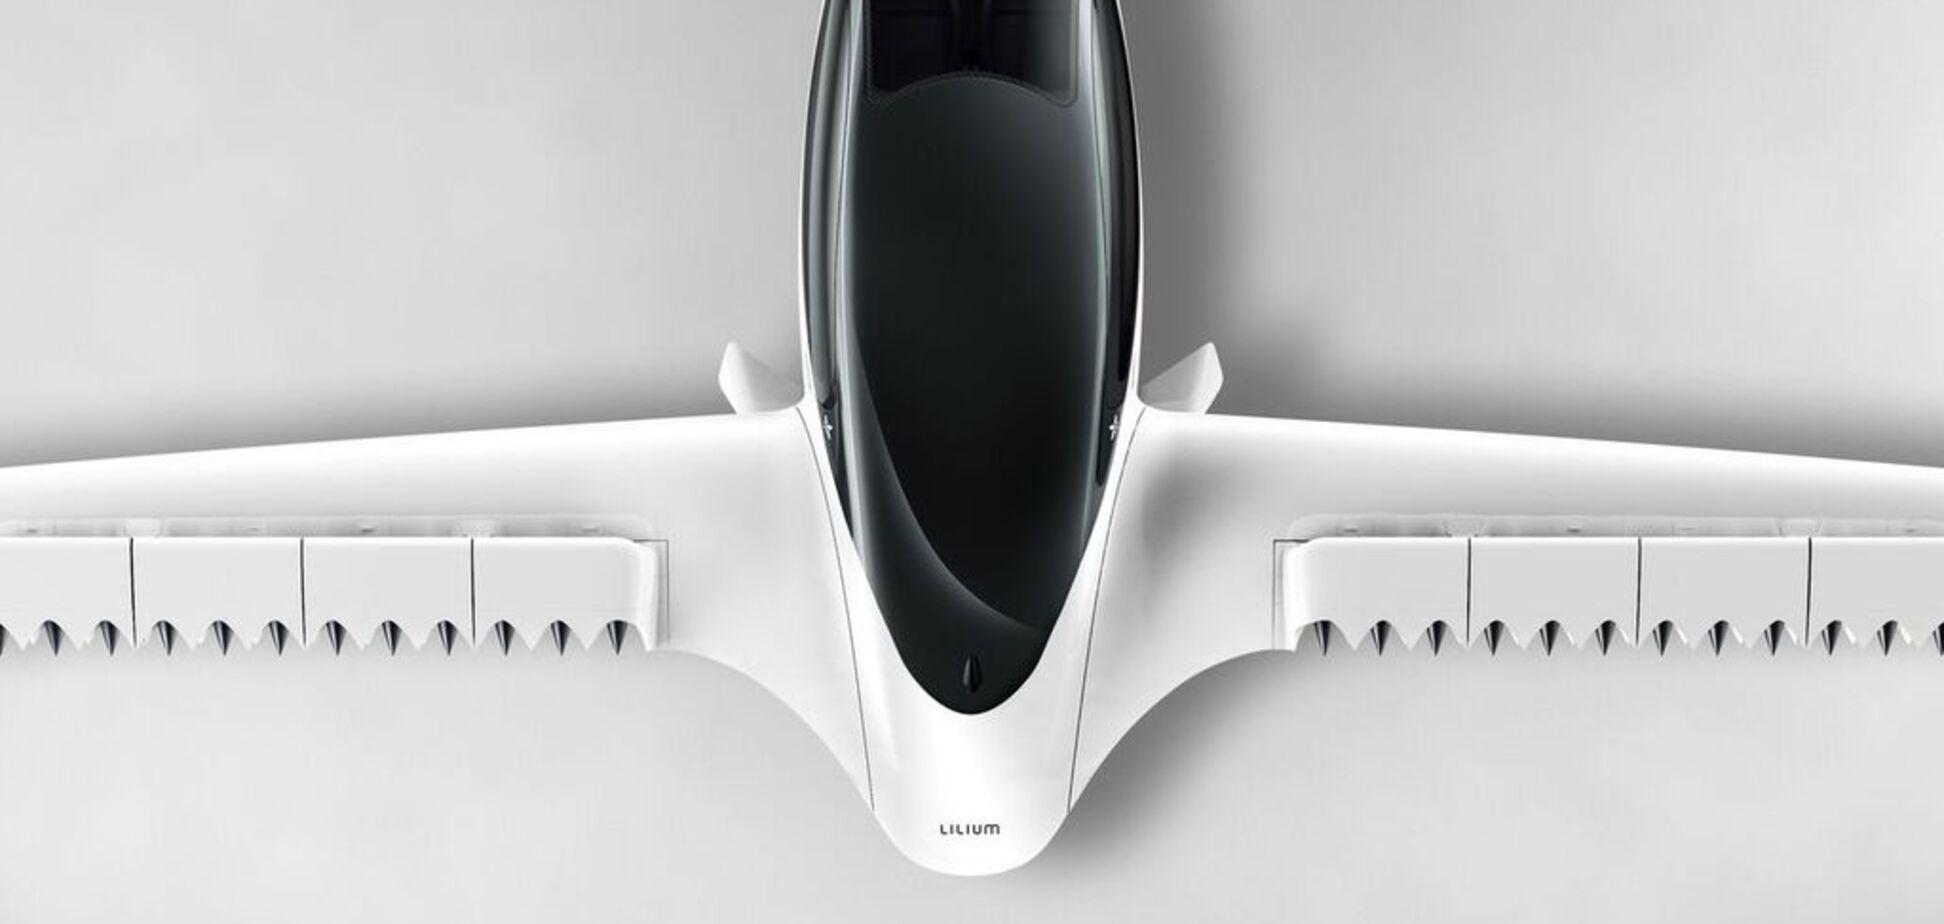 У Європі випробували летюче таксі Lilium Jet: фото й відео